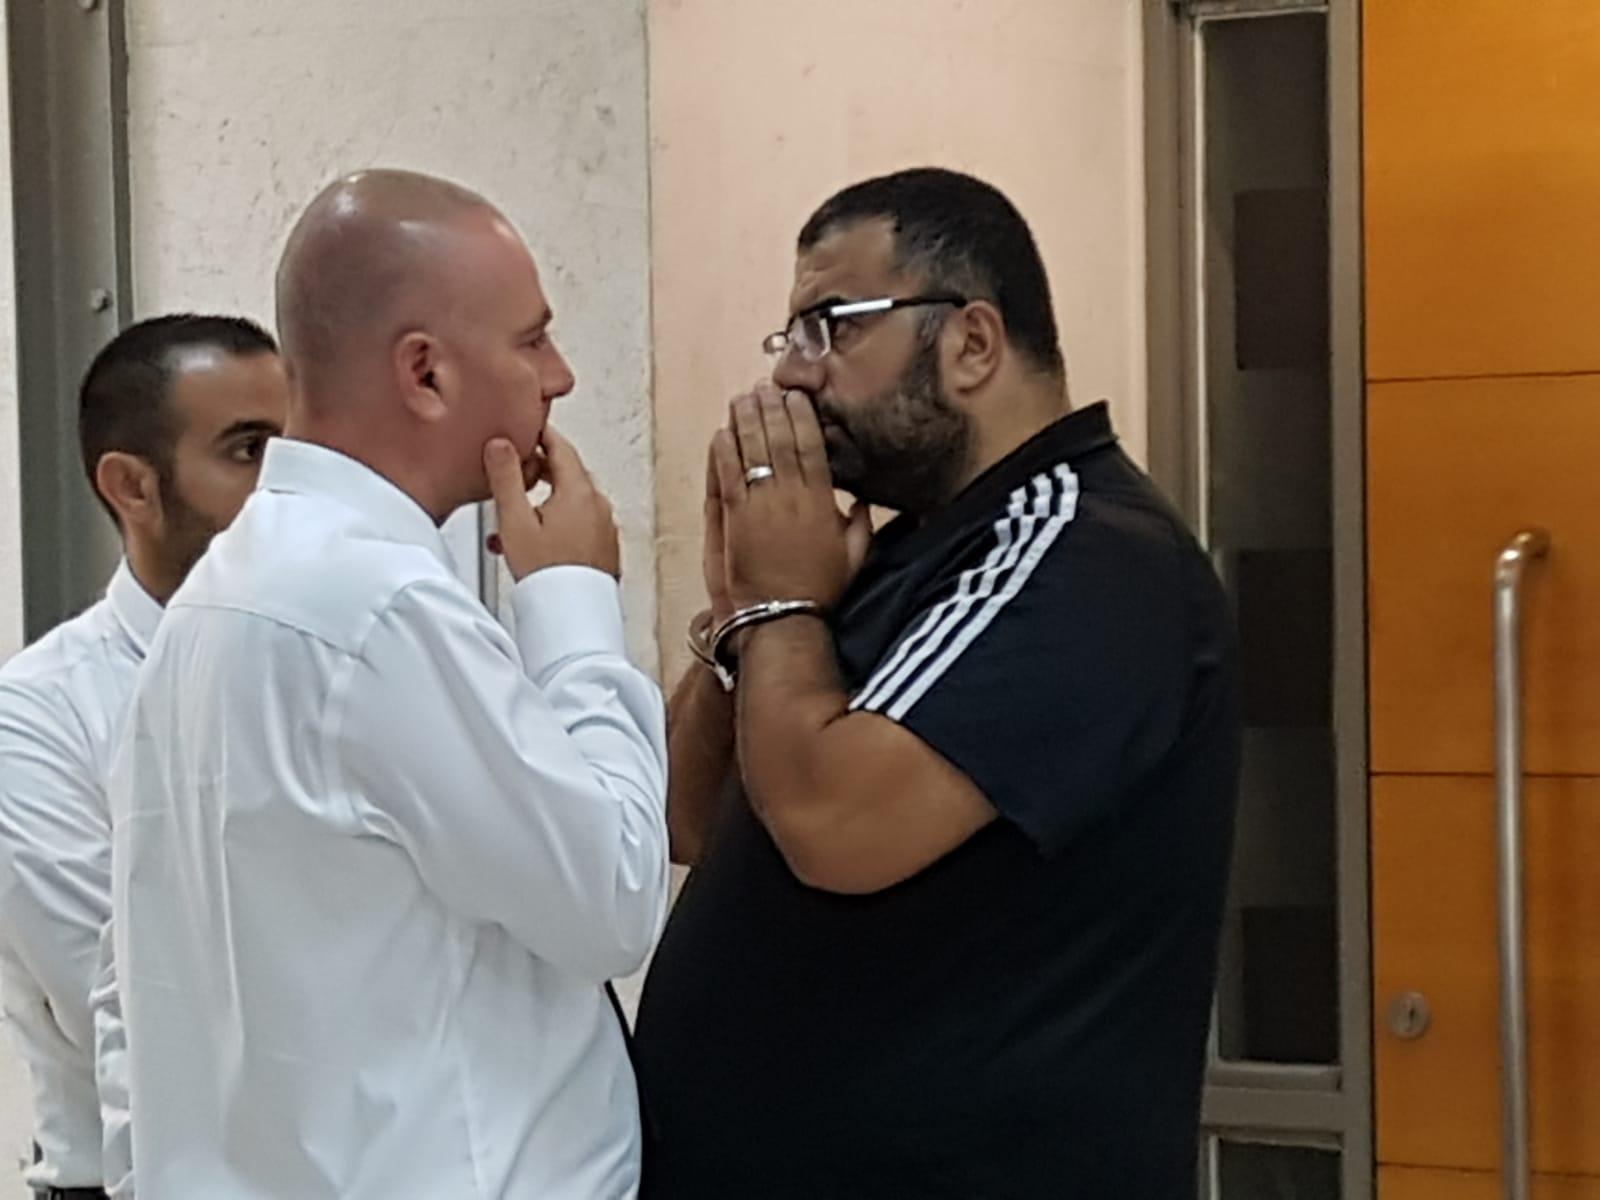 خطف الطفل من قلنسوة: تمديد اعتقال المشتبه الرئيسي أحمد نقيب 5 أيام إضافية